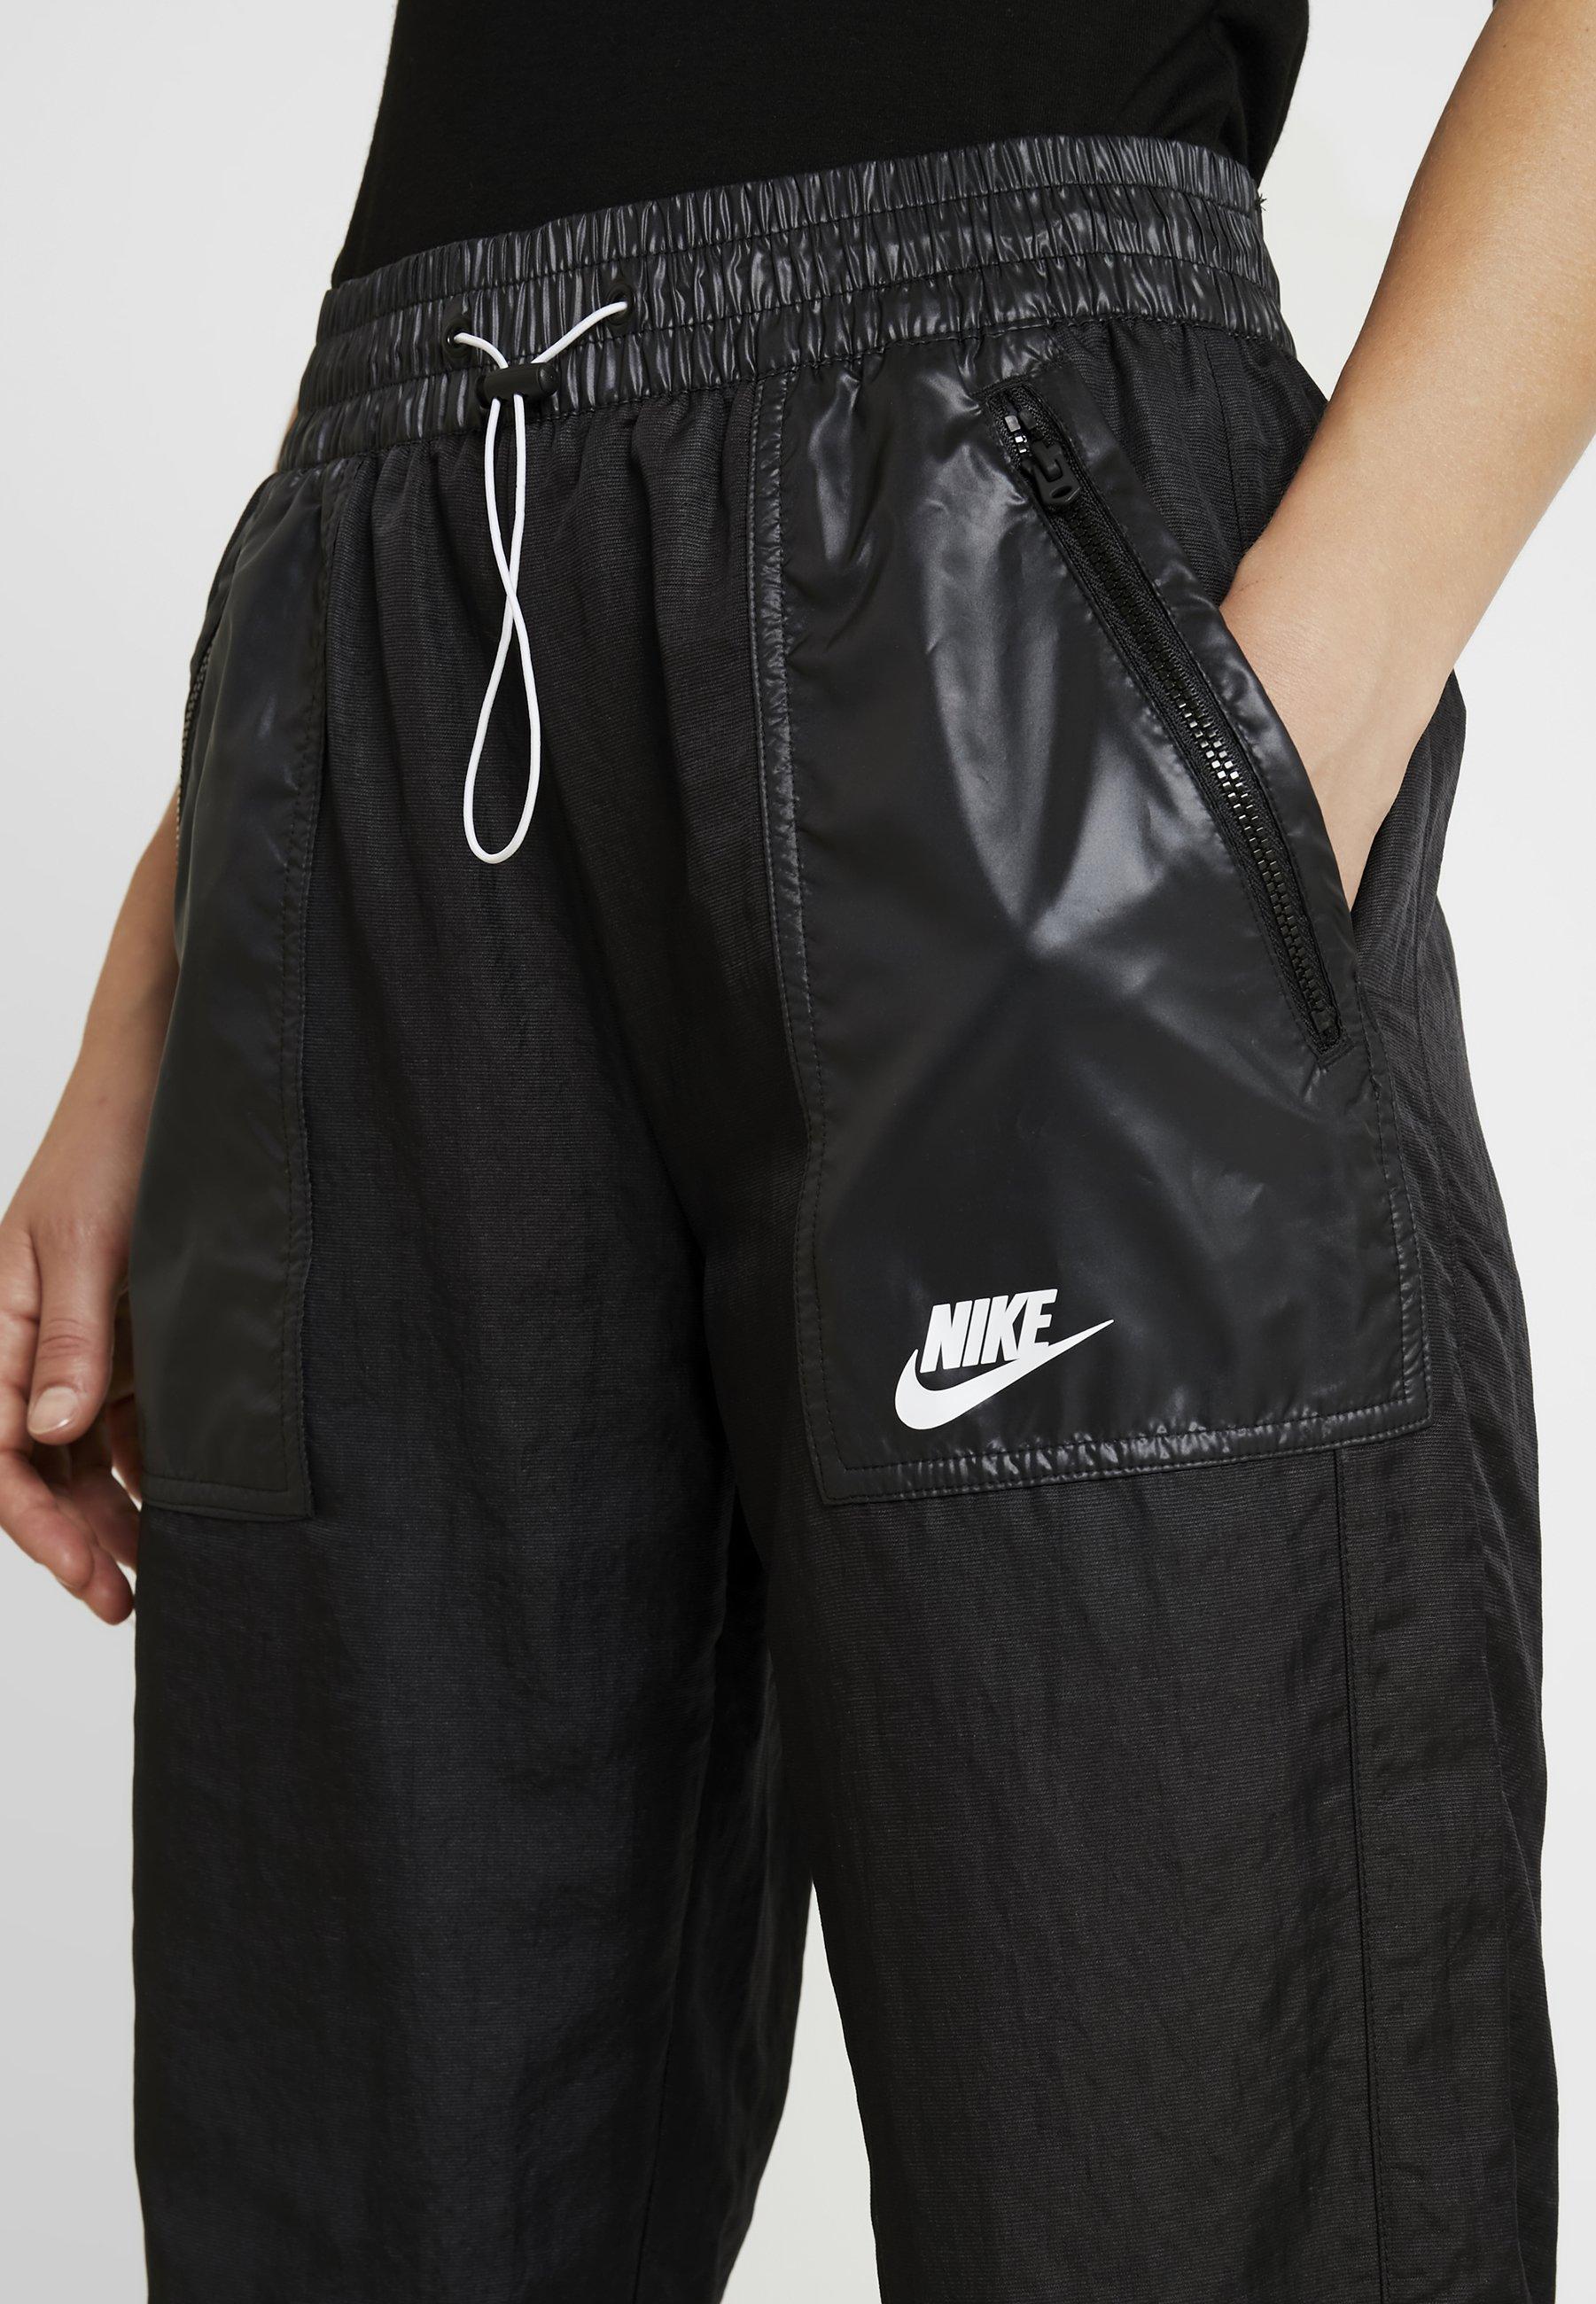 Nike Sportswear PANT CARGO REBEL - Pantaloni sportivi black/white